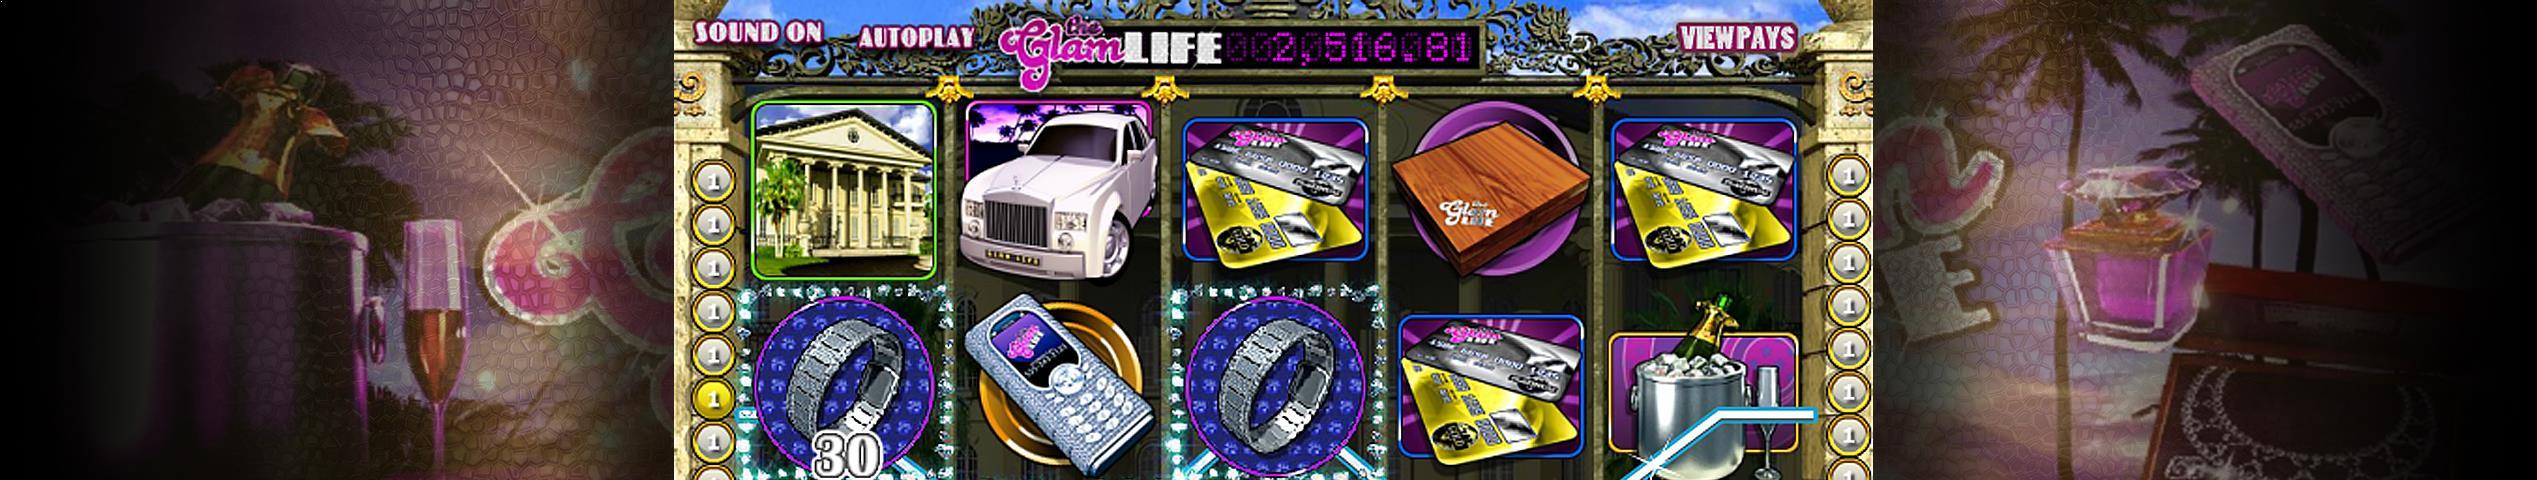 Glam Life betsoft jocuri slot slider